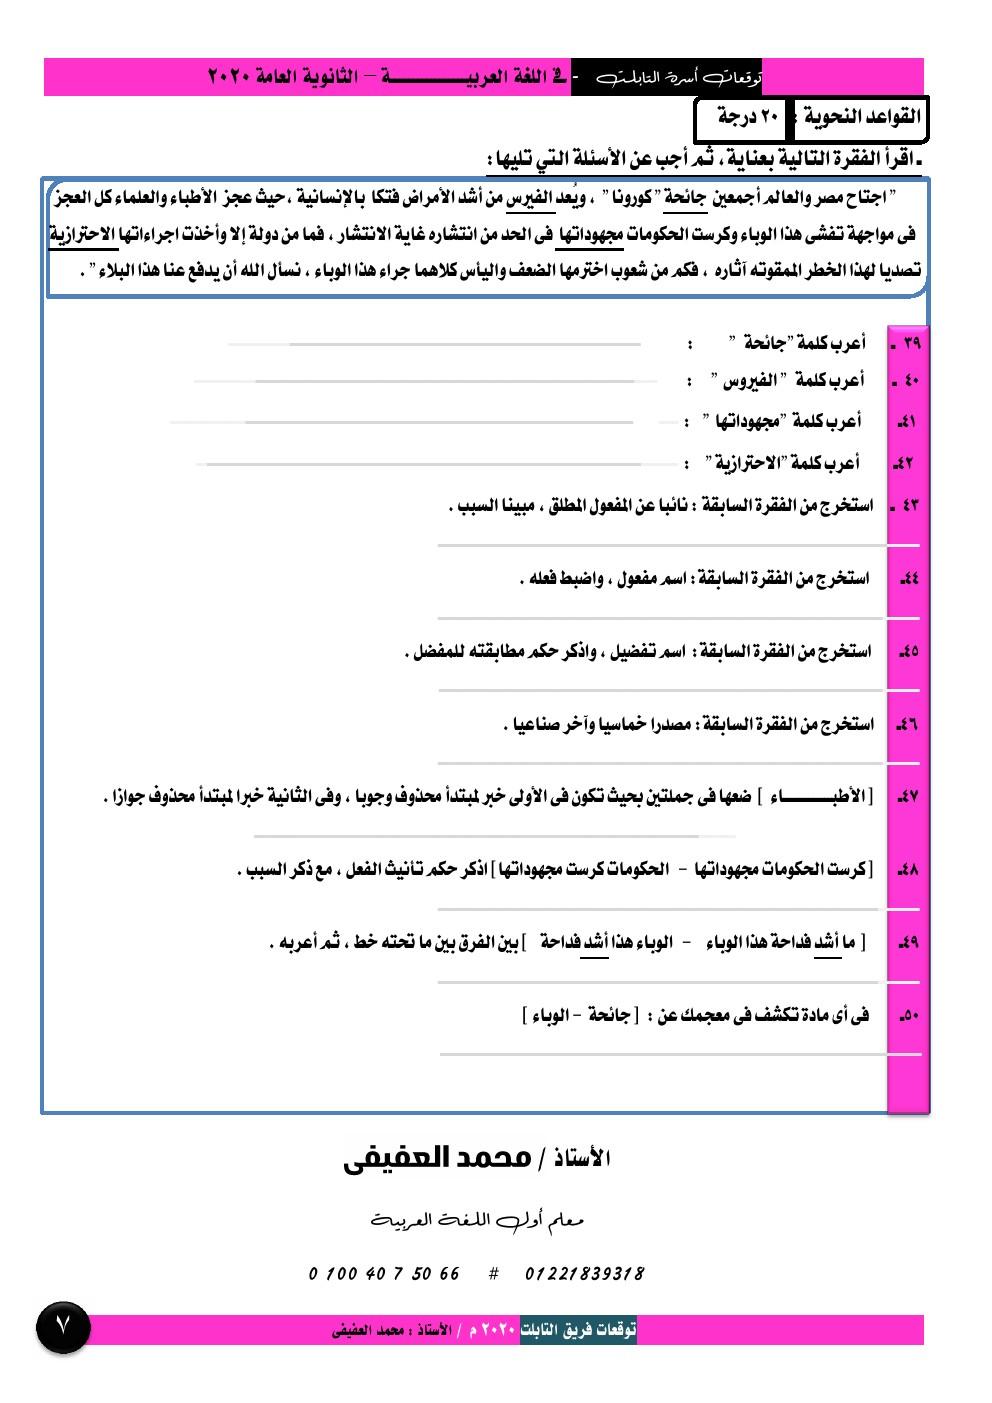 نماذج بوكليت لغة عربية متوقعة للصف الثالث الثانوى 2020 أ/ محمد العفيفي 7